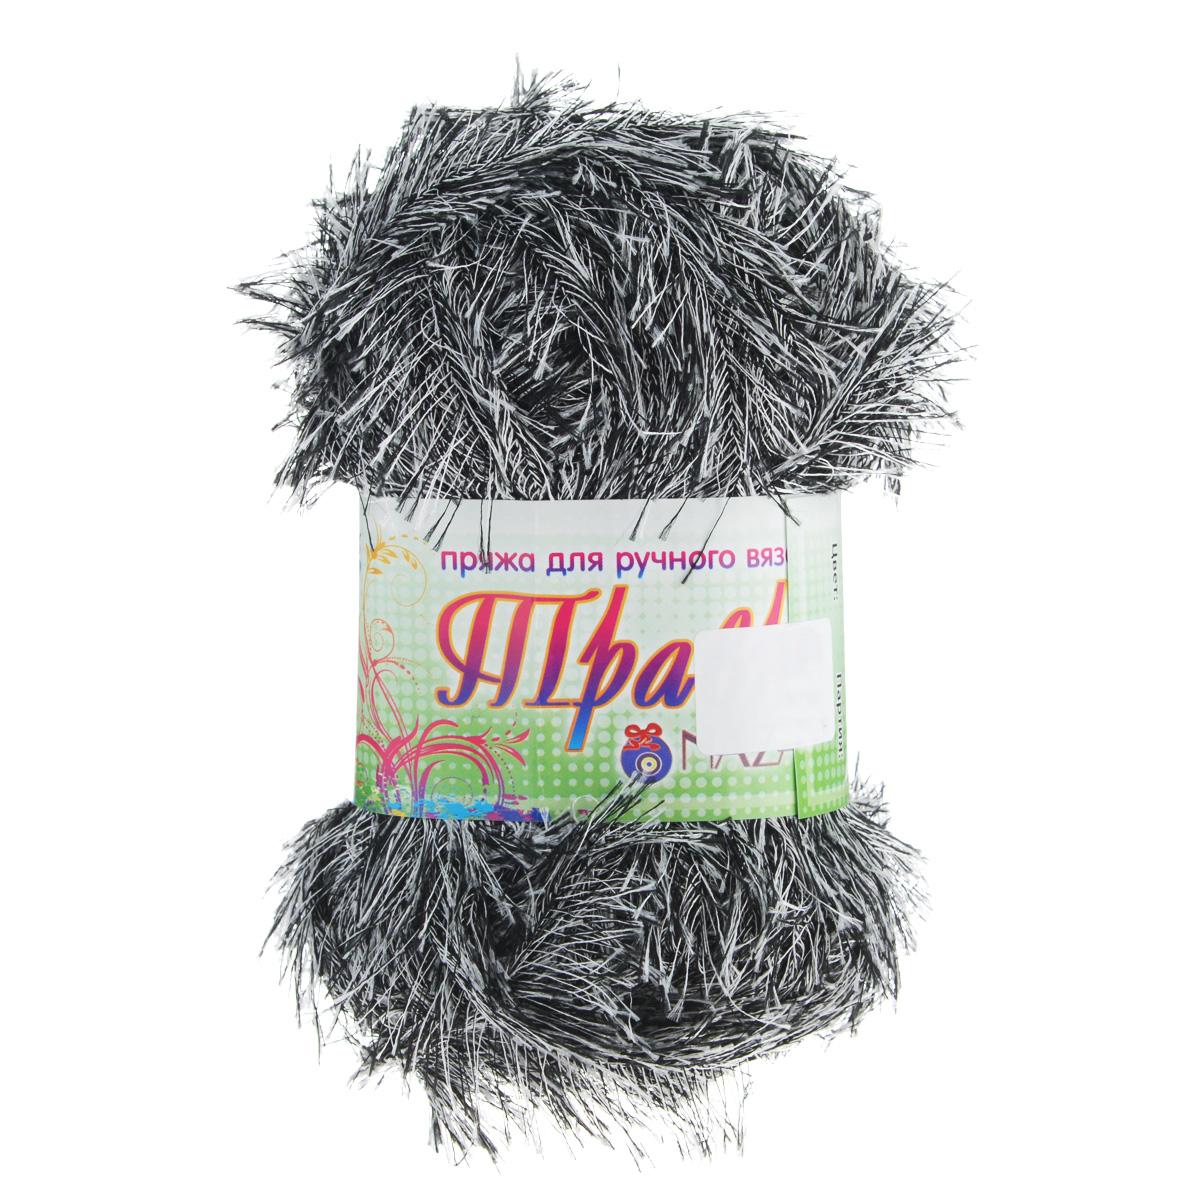 Пряжа для вязания Nazar Травка, цвет: черно-белый (2016), 150 м, 100 г, 5 шт349001_2016Пряжа для вязания Nazar Травка изготовлена из 100% полиэстера. Это - пряжа с ворсом. Изделия выглядят как меховые, на ощупь очень мягкие и шелковистые. Полотно выглядит пушистым с обеих сторон. Из такой пряжи великолепно получаются коврики и пледы, чехлы для мебели, декоративные наволочки и игрушки, шарфы и палантины. Подходит для вязания на спицах и крючках 4 мм. Состав: 100% полиэстер. Толщина нити: 1,5 мм.